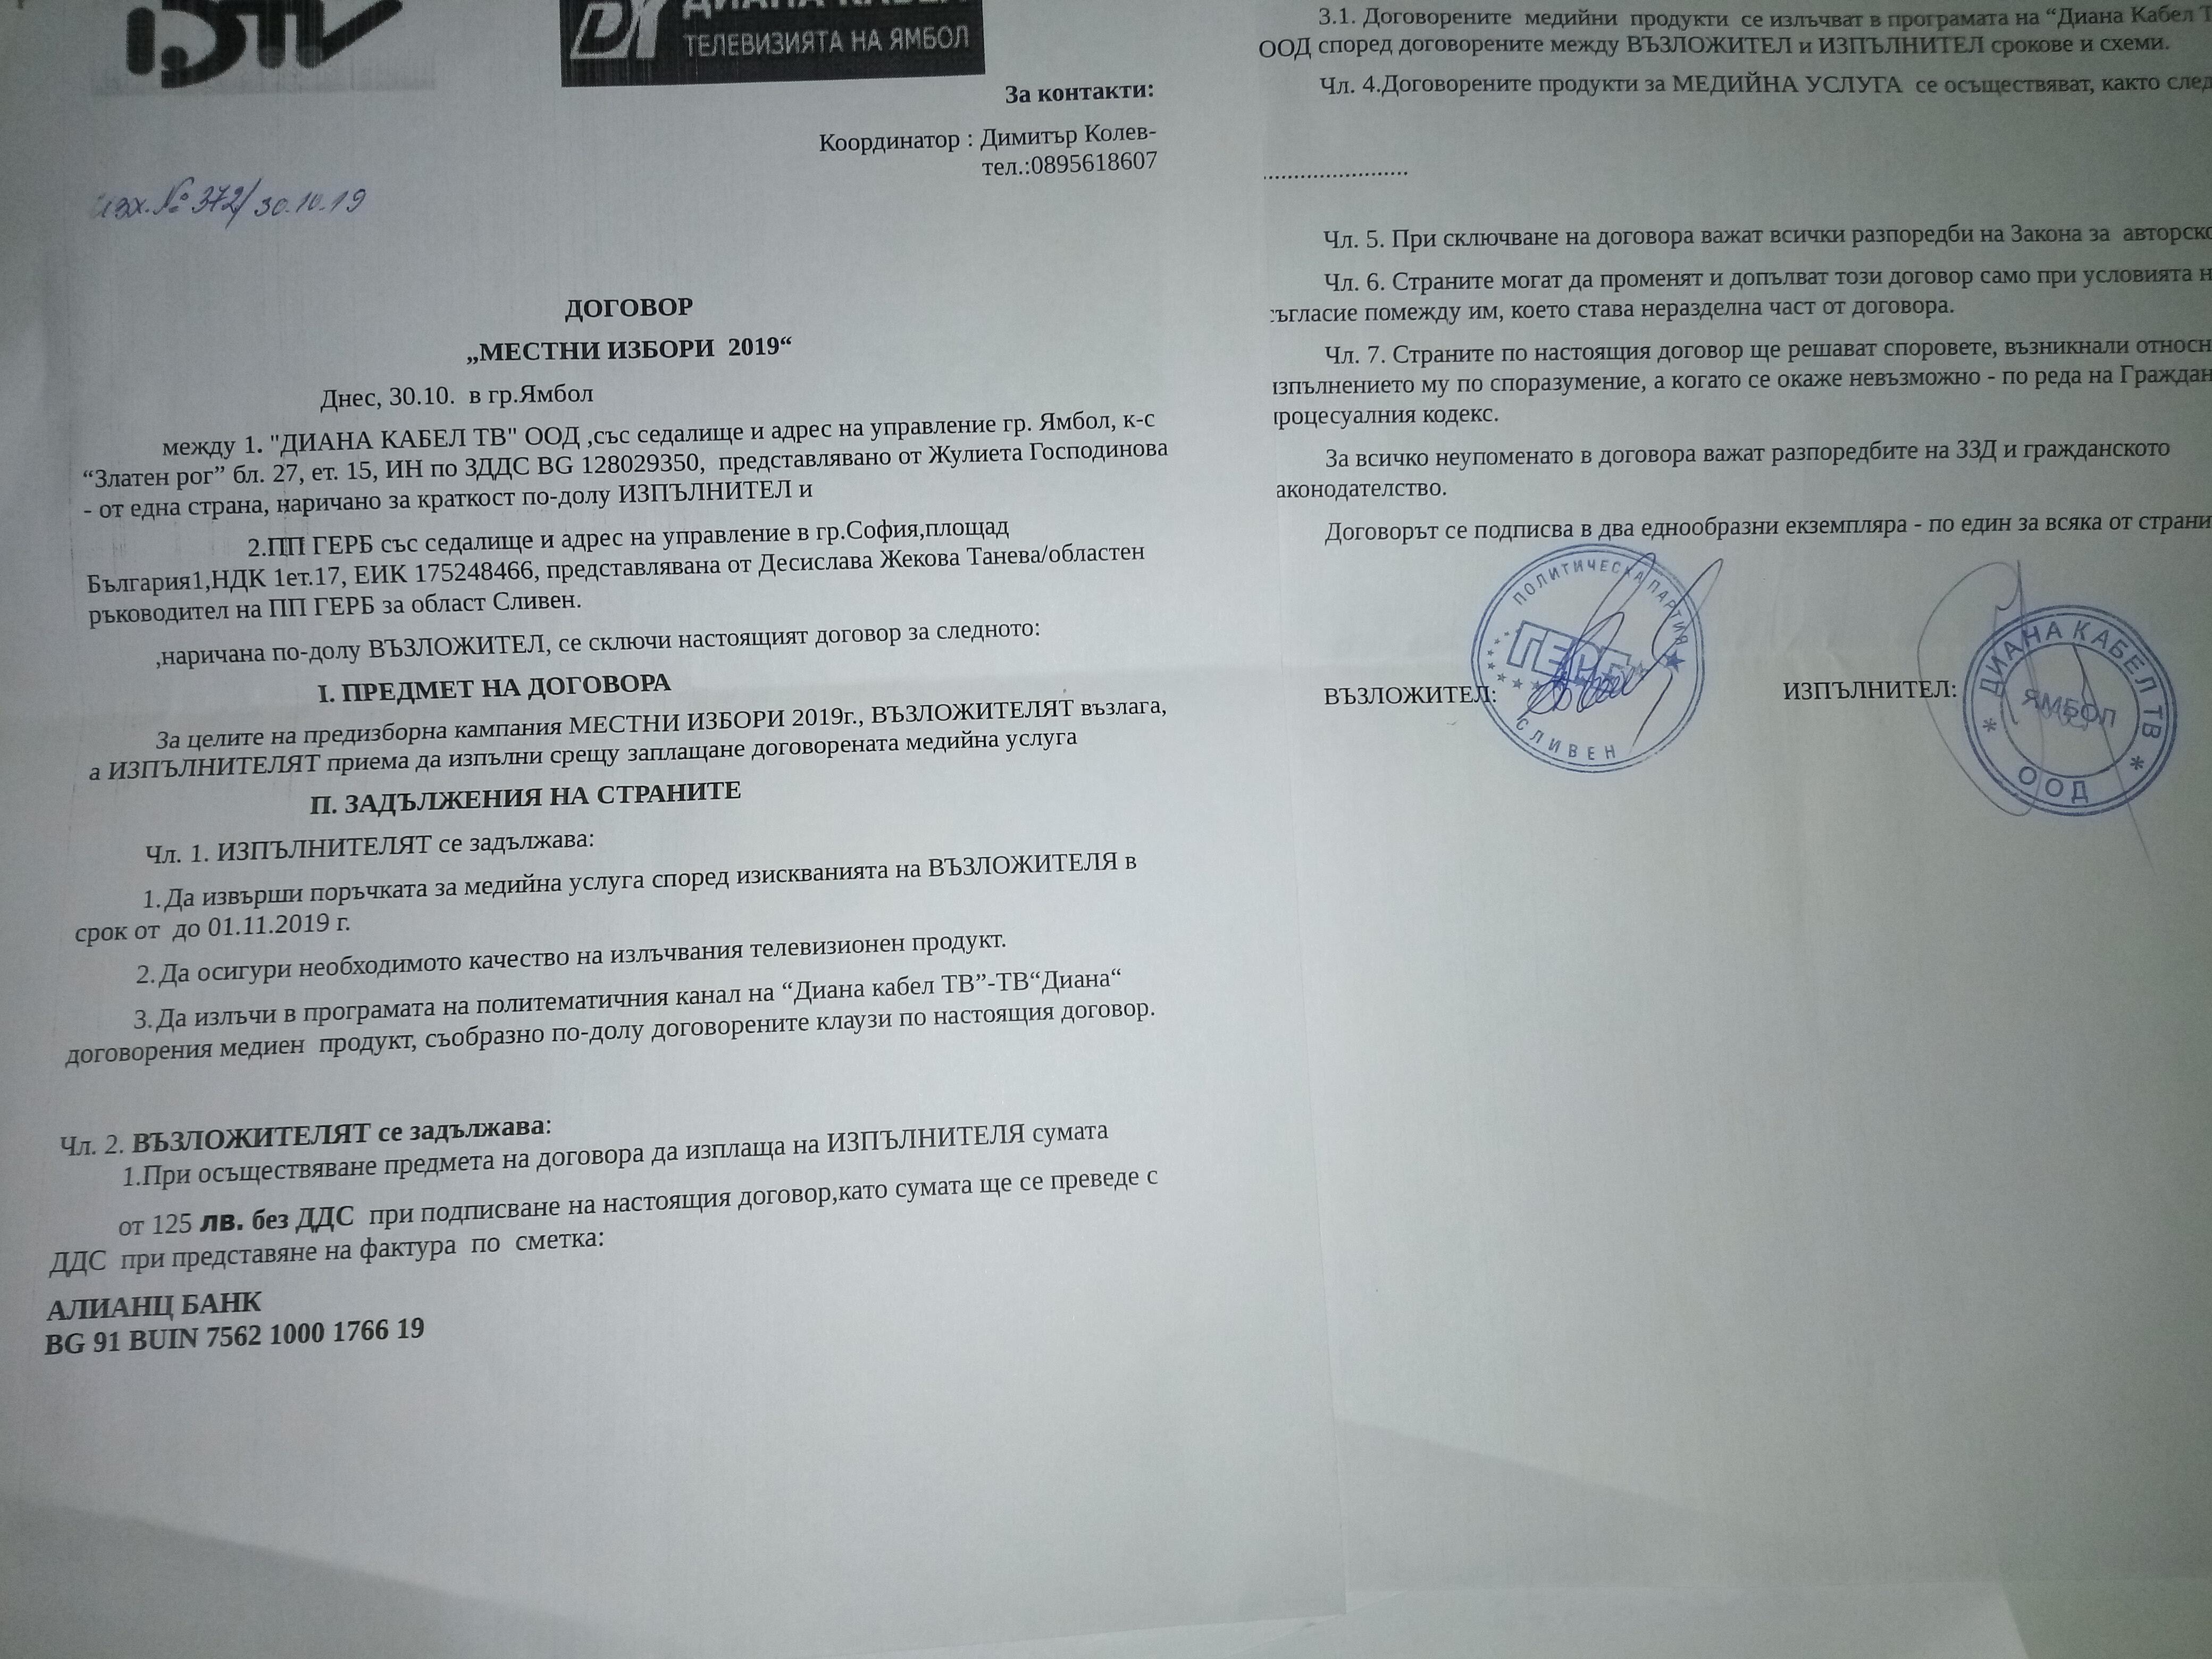 Договор за медийна услуга с ГЕРБ- Сливен / за балотажа